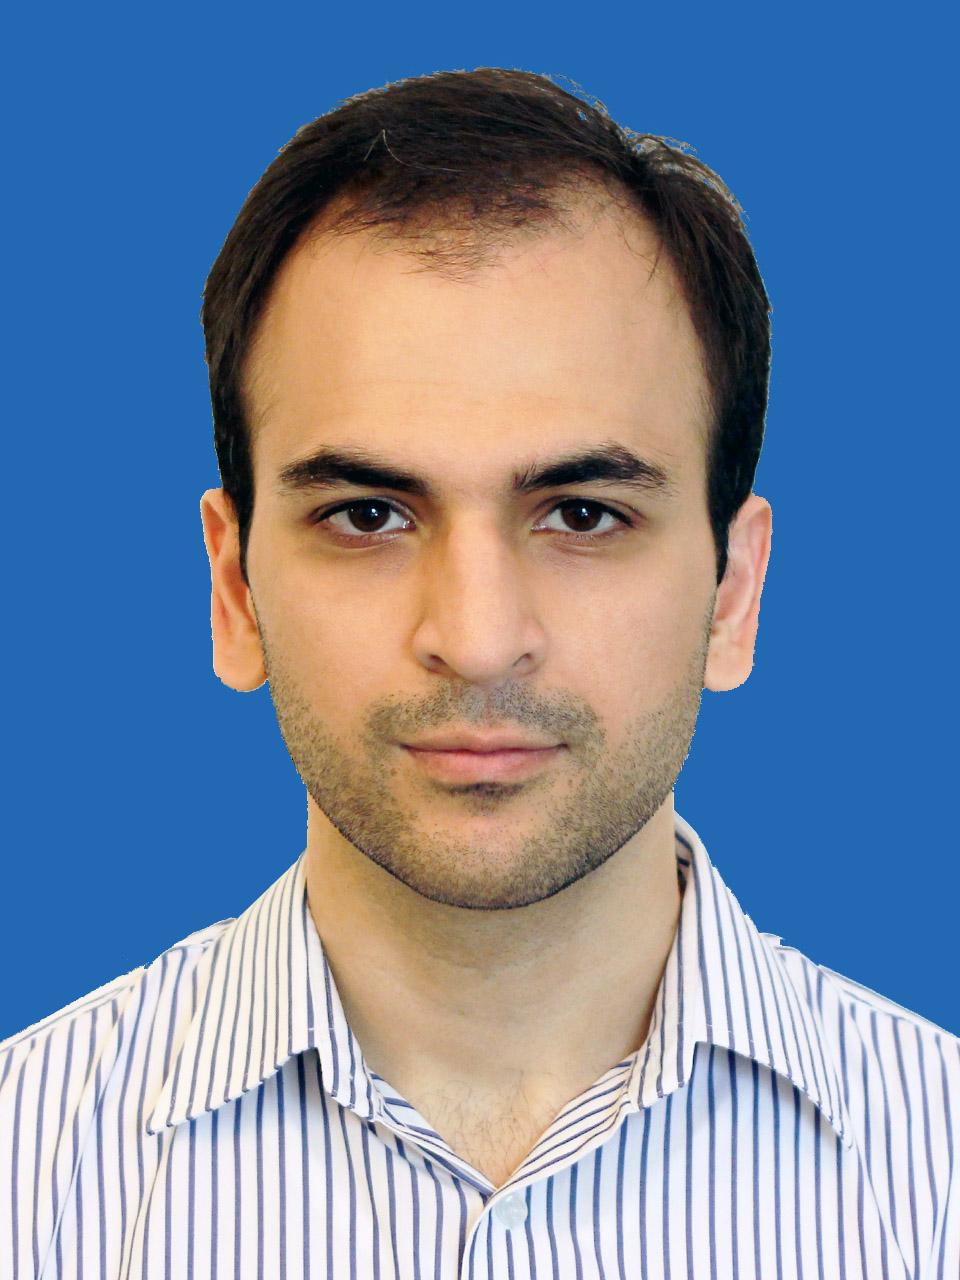 Dr Ahmad Ali Gul